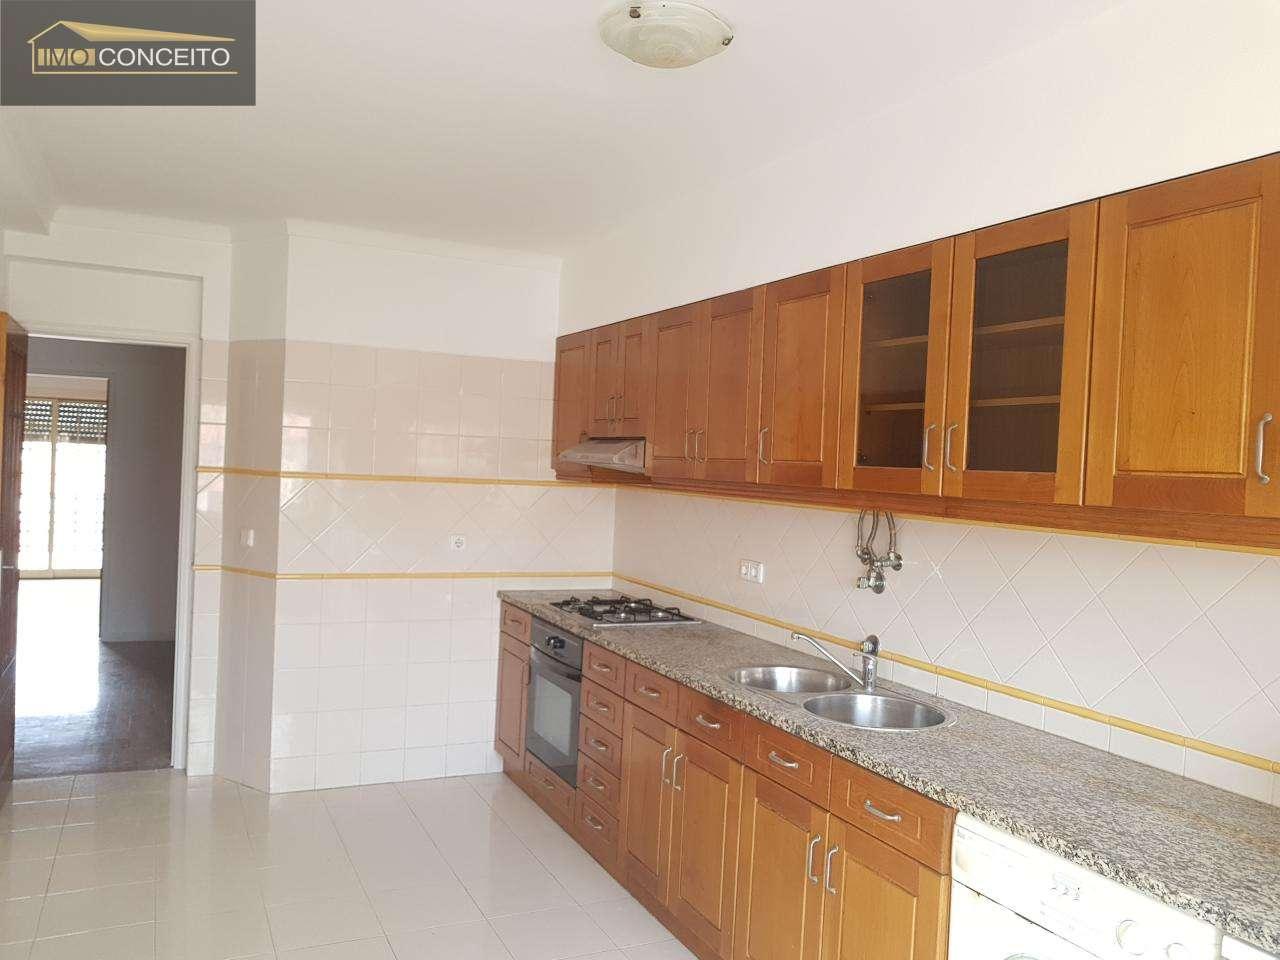 Apartamento para comprar, Nossa Senhora de Fátima, Entroncamento, Santarém - Foto 2